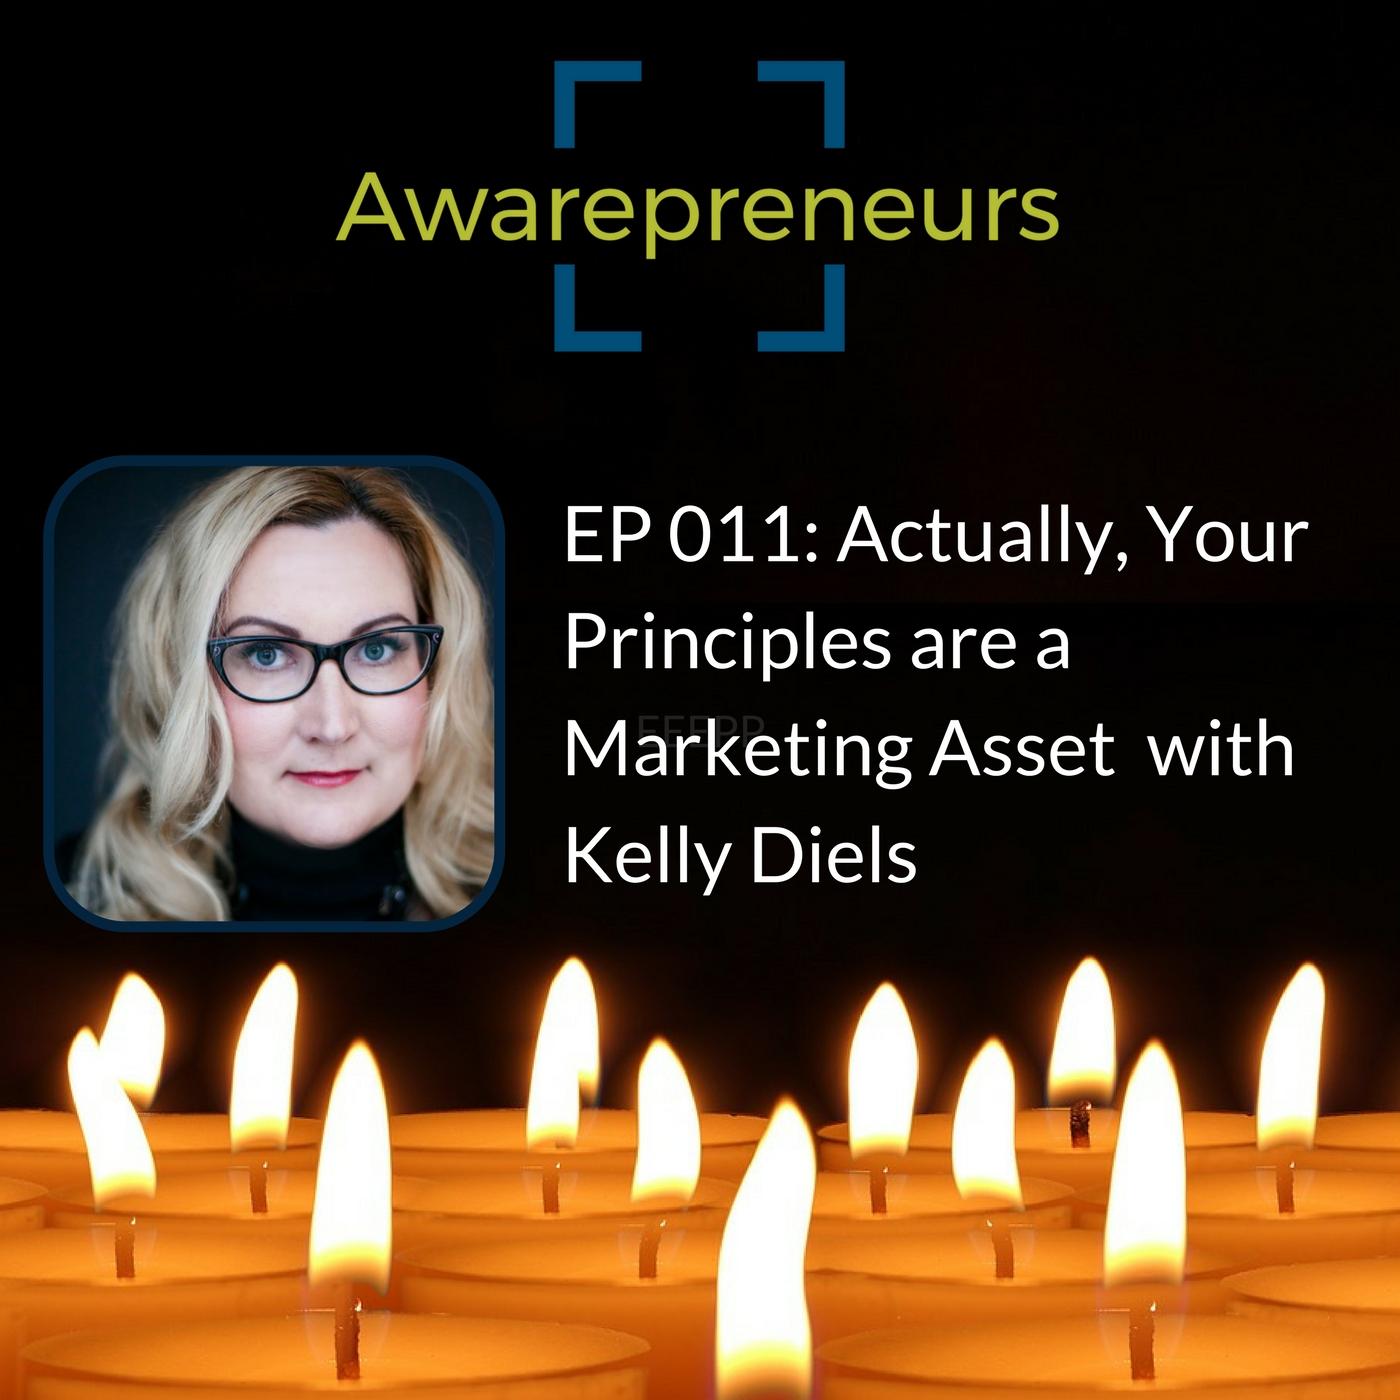 EP 011 Kelly Diels.jpg